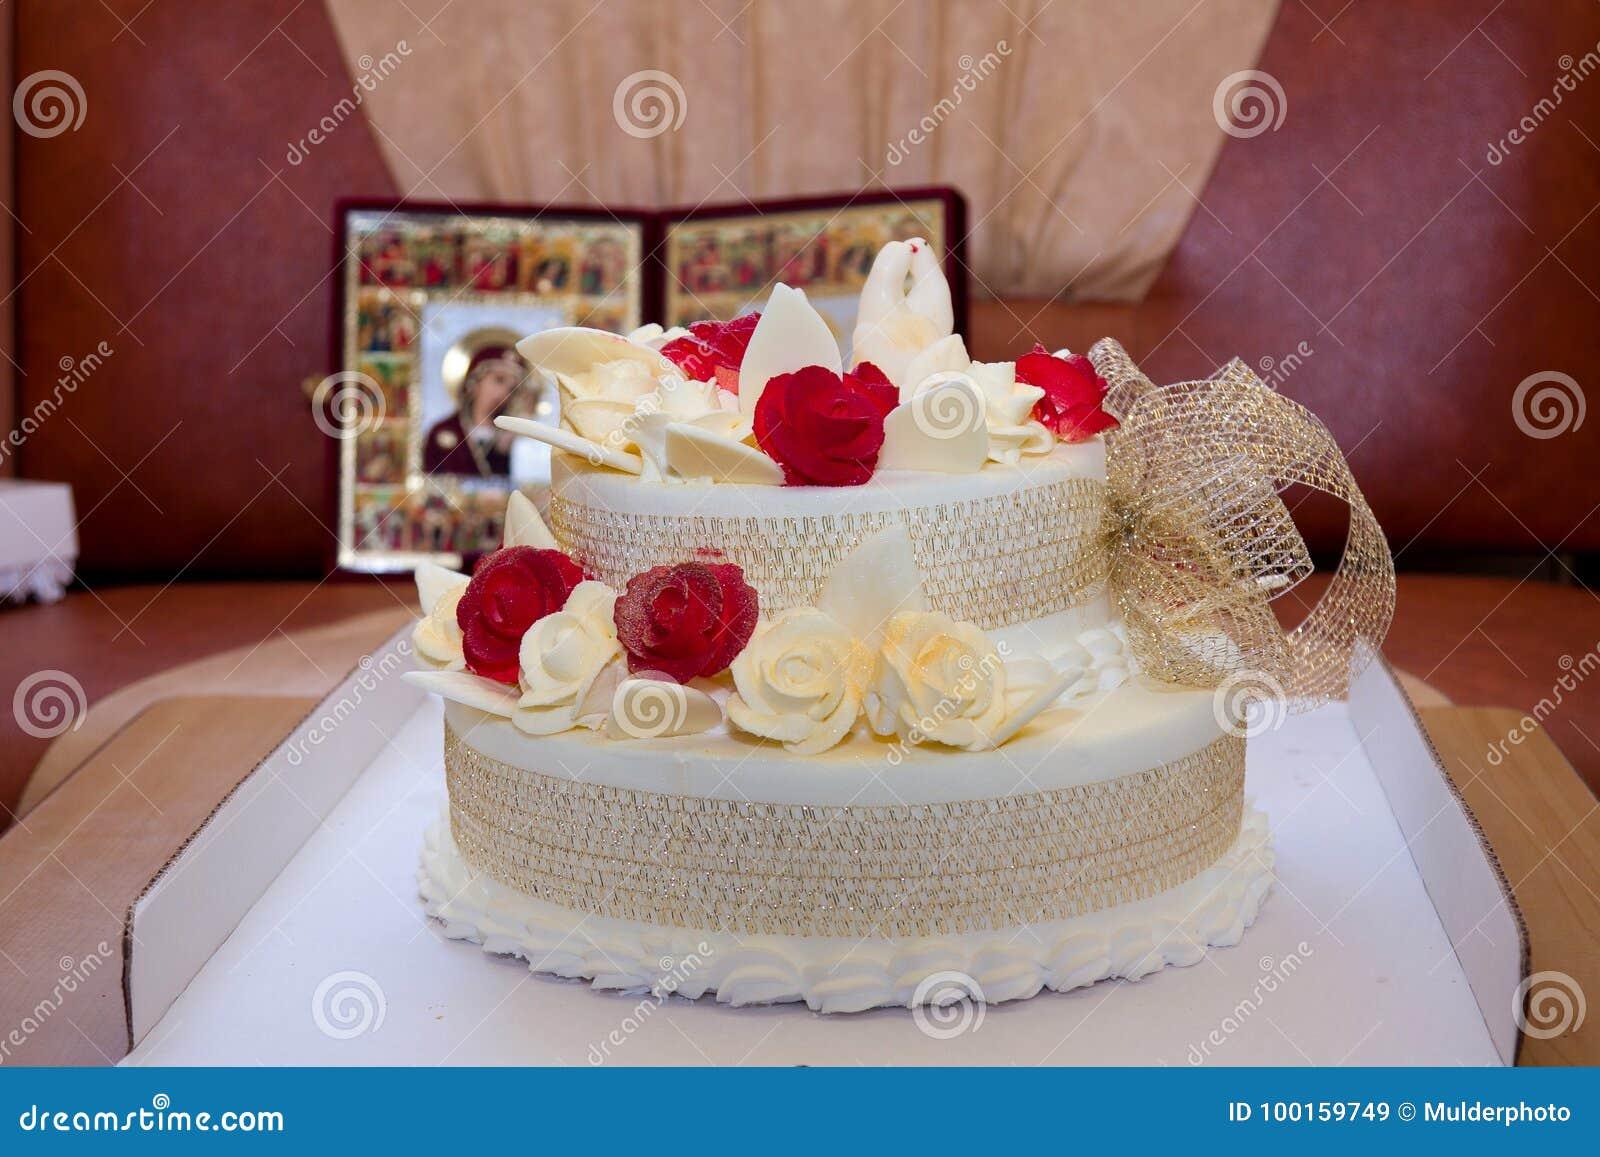 Hochzeitstorte Mit Rosen Und Vogeln Auf Ikonenhintergrund Stockbild